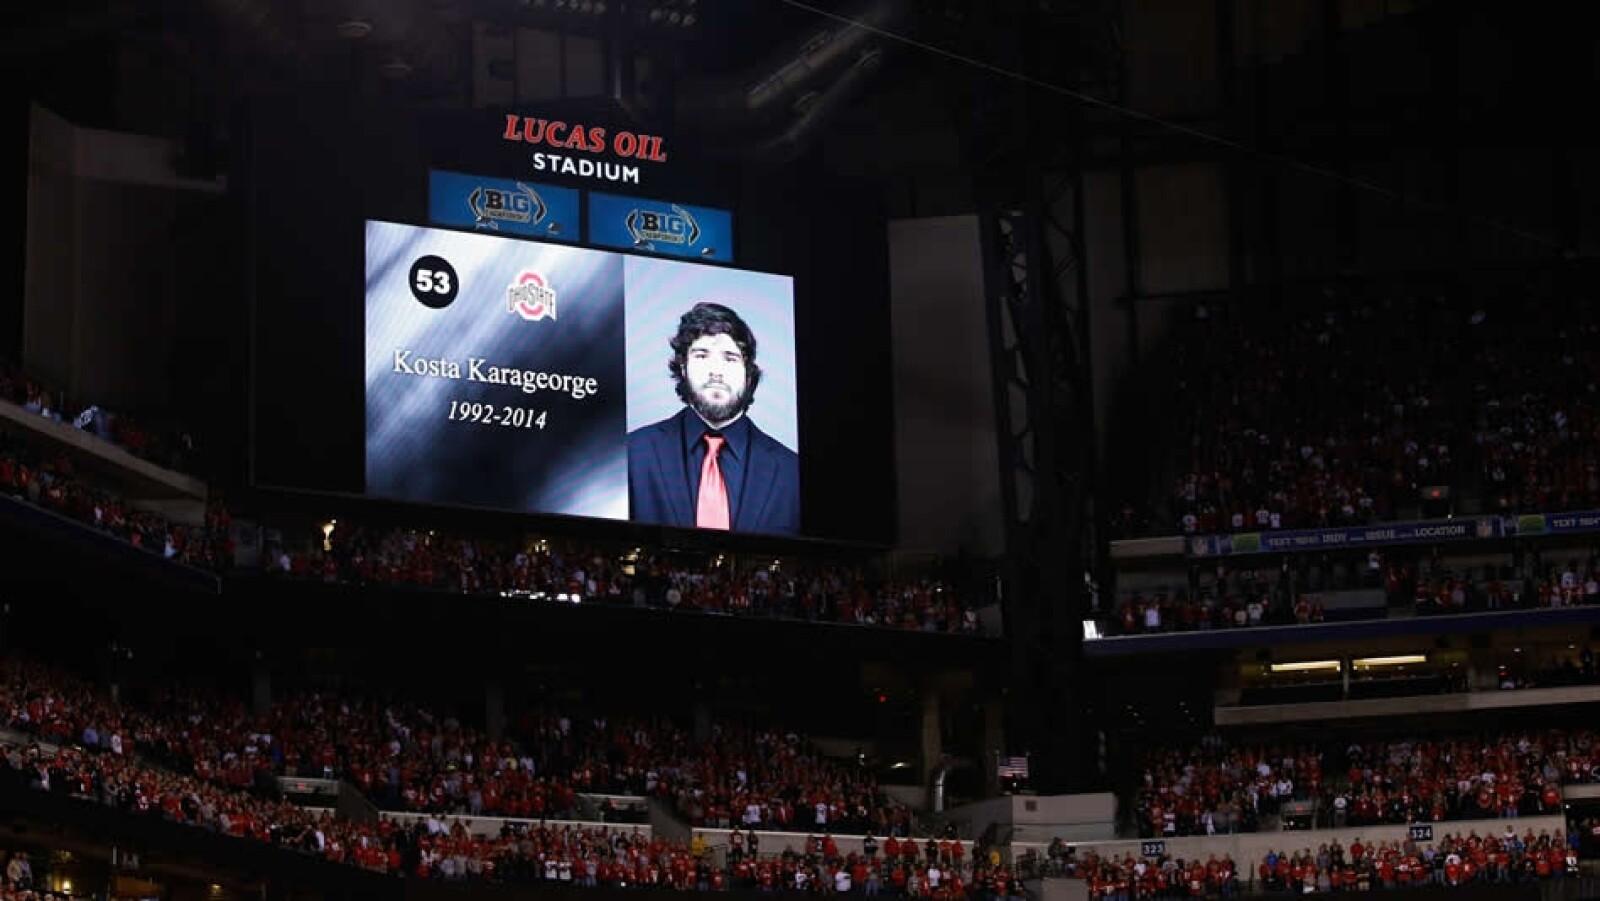 Kosta Karageorge , jugador de futbol americano en la Universidad de Ohio State, se disparó en la cabeza; su cuerpo fue encontrado el pasado 6 de diciembre